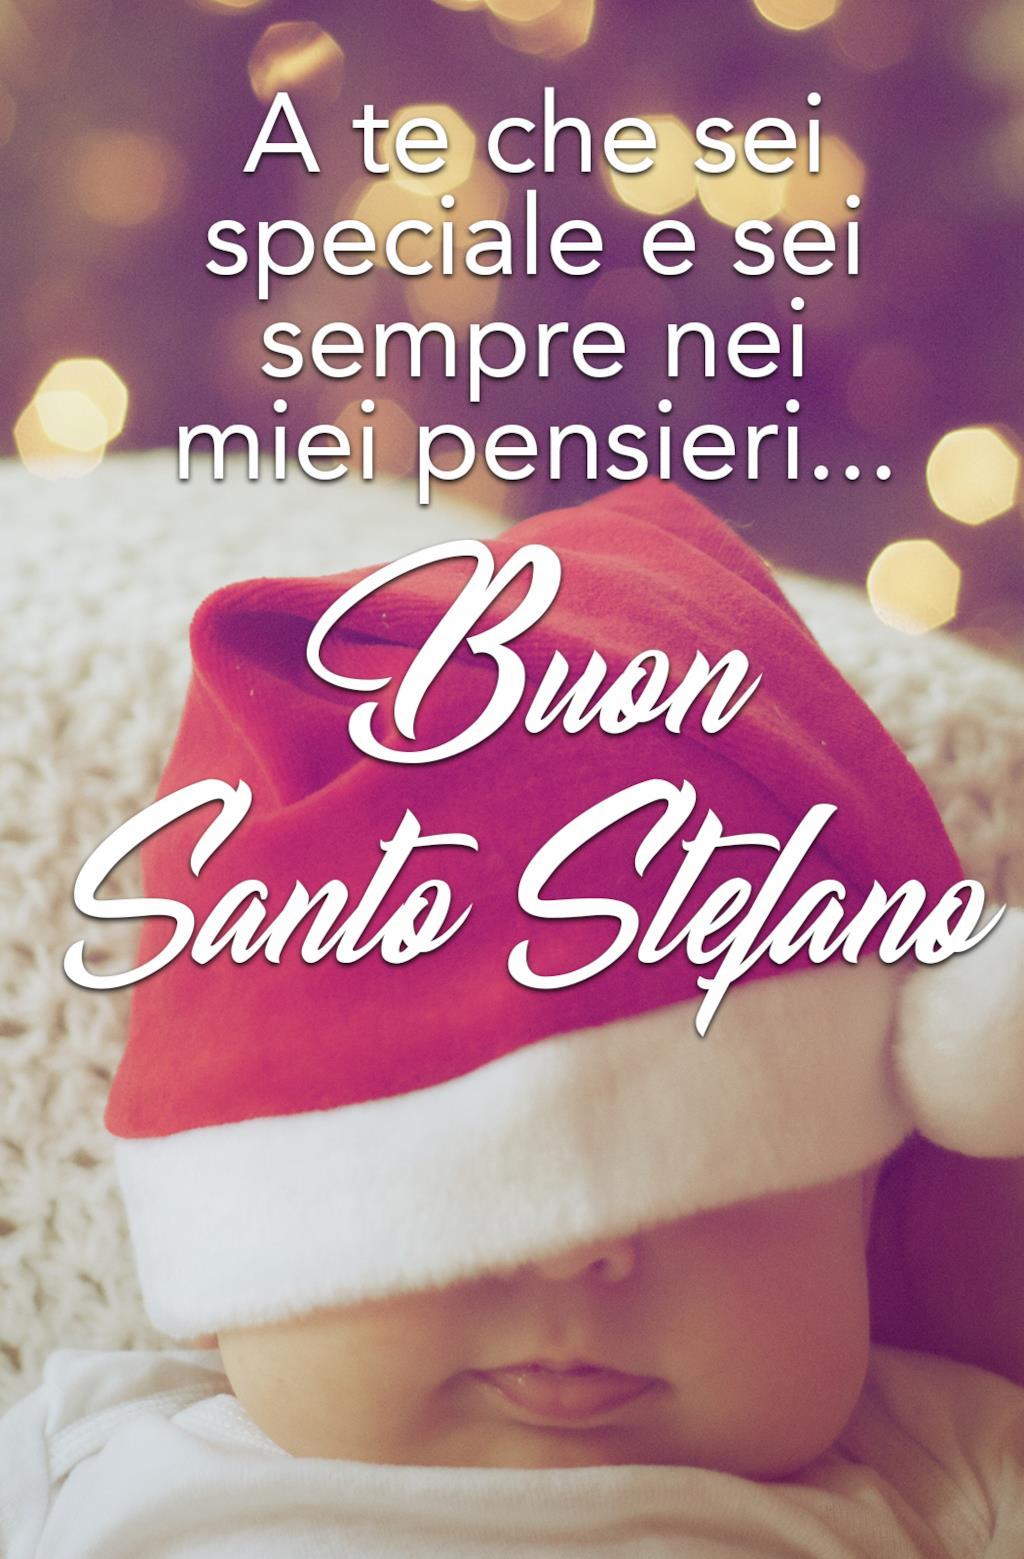 Buon Santo Stefano auguri speciali